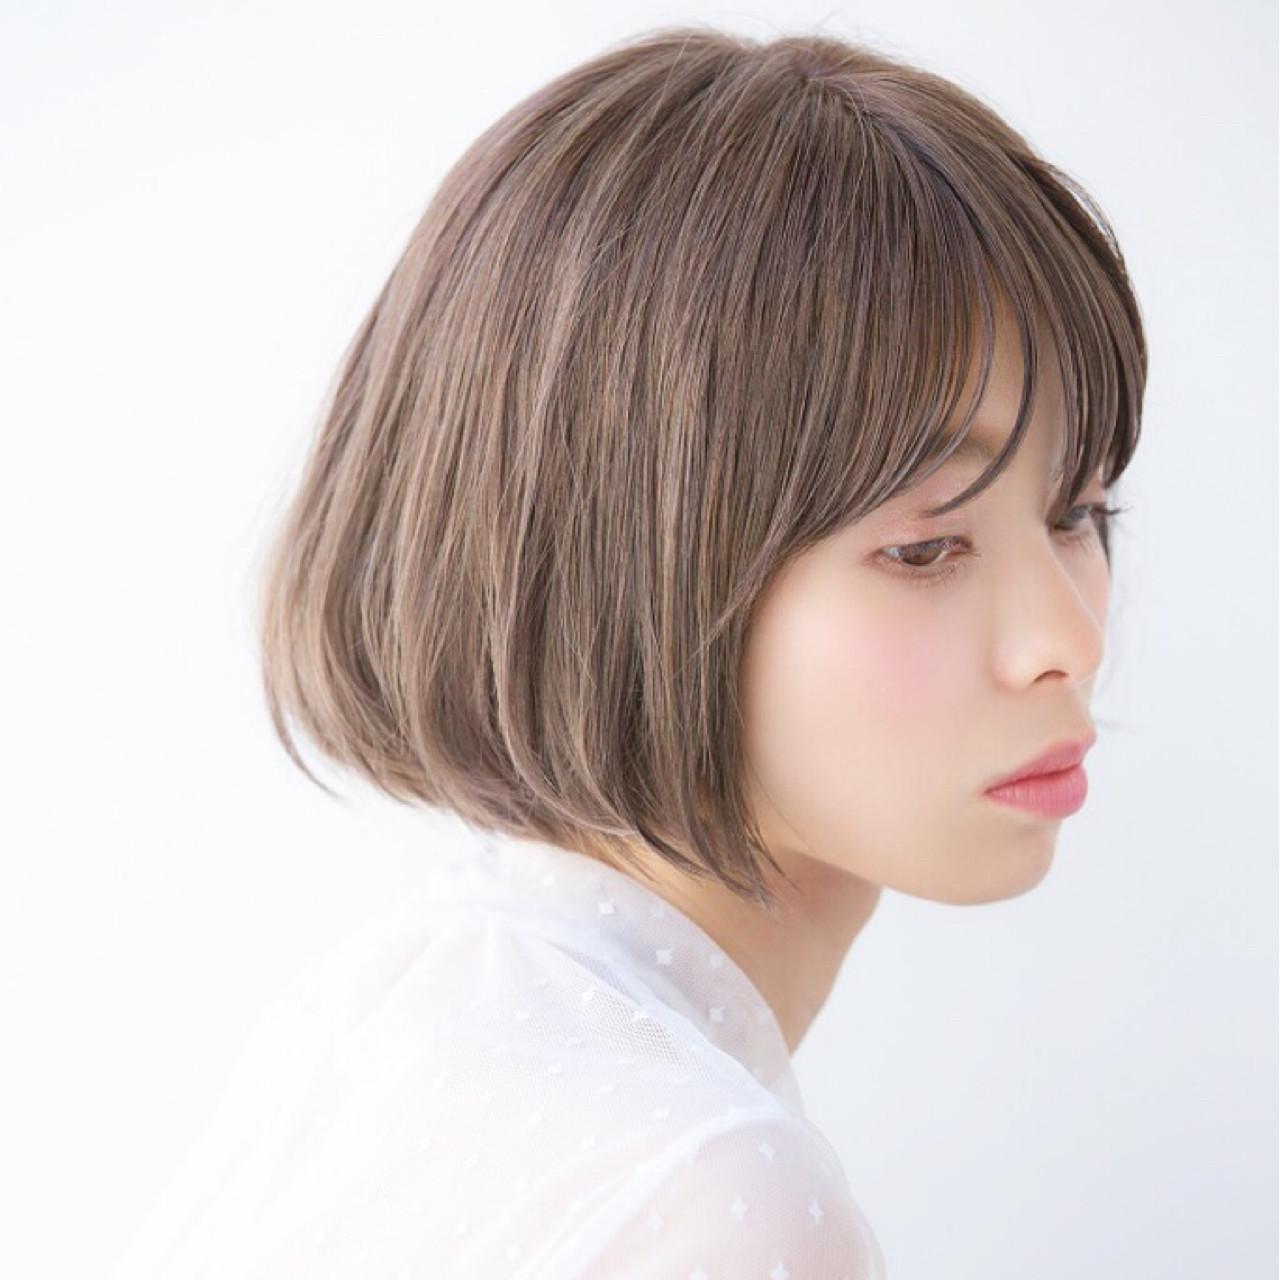 流し前髪と丸みがポイントの■四角形×ショート NAOMI | Ramie